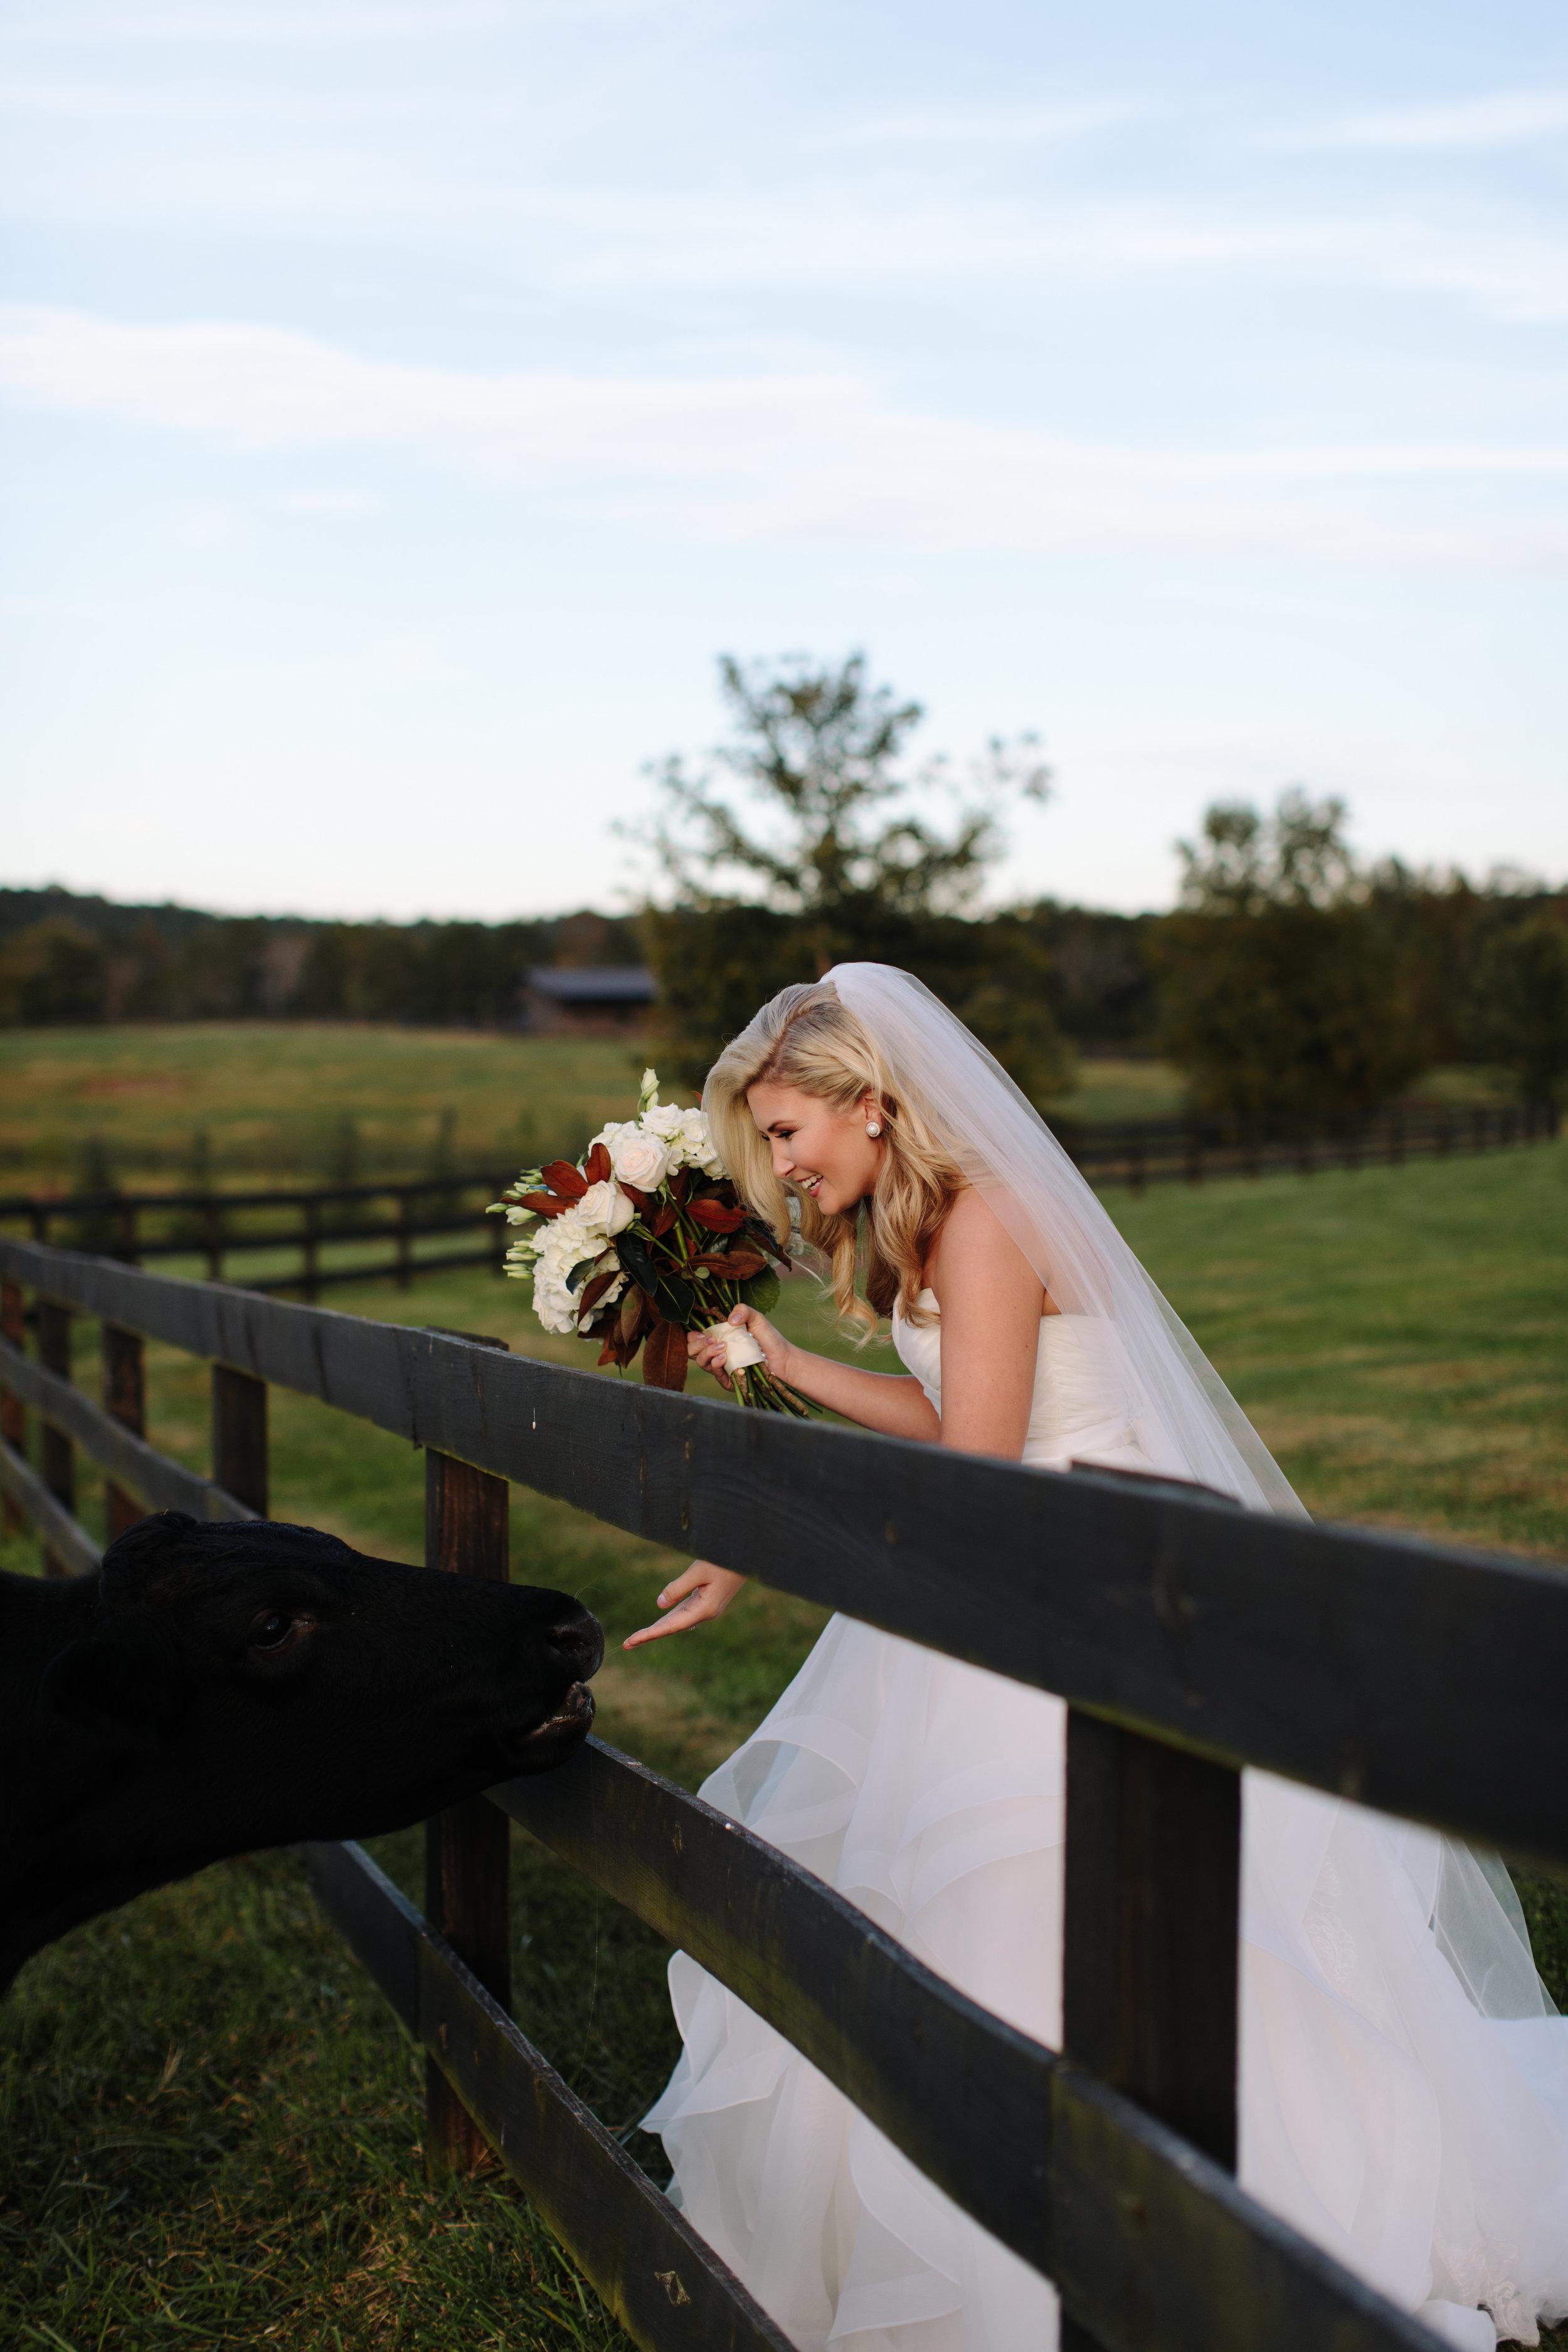 Leanna_Bridals-108.jpg